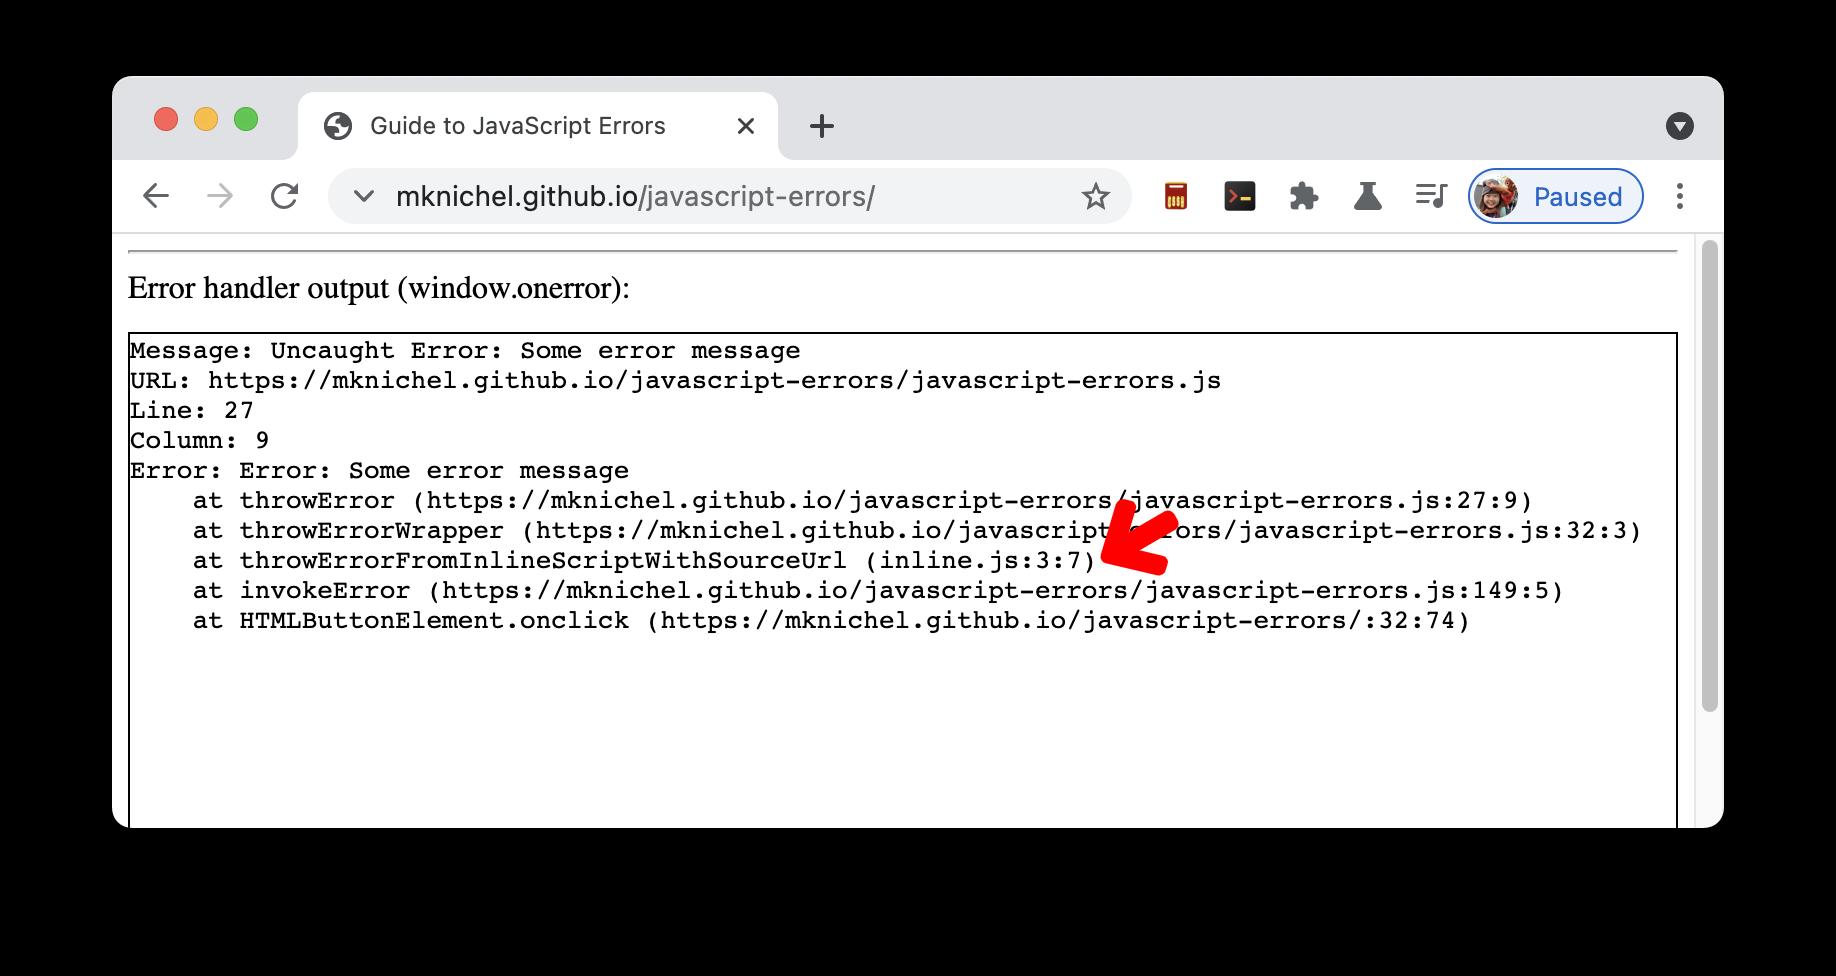 #sourceURL이 있는 인라인 스크립트에 대한 적절한 오류 스택 추적